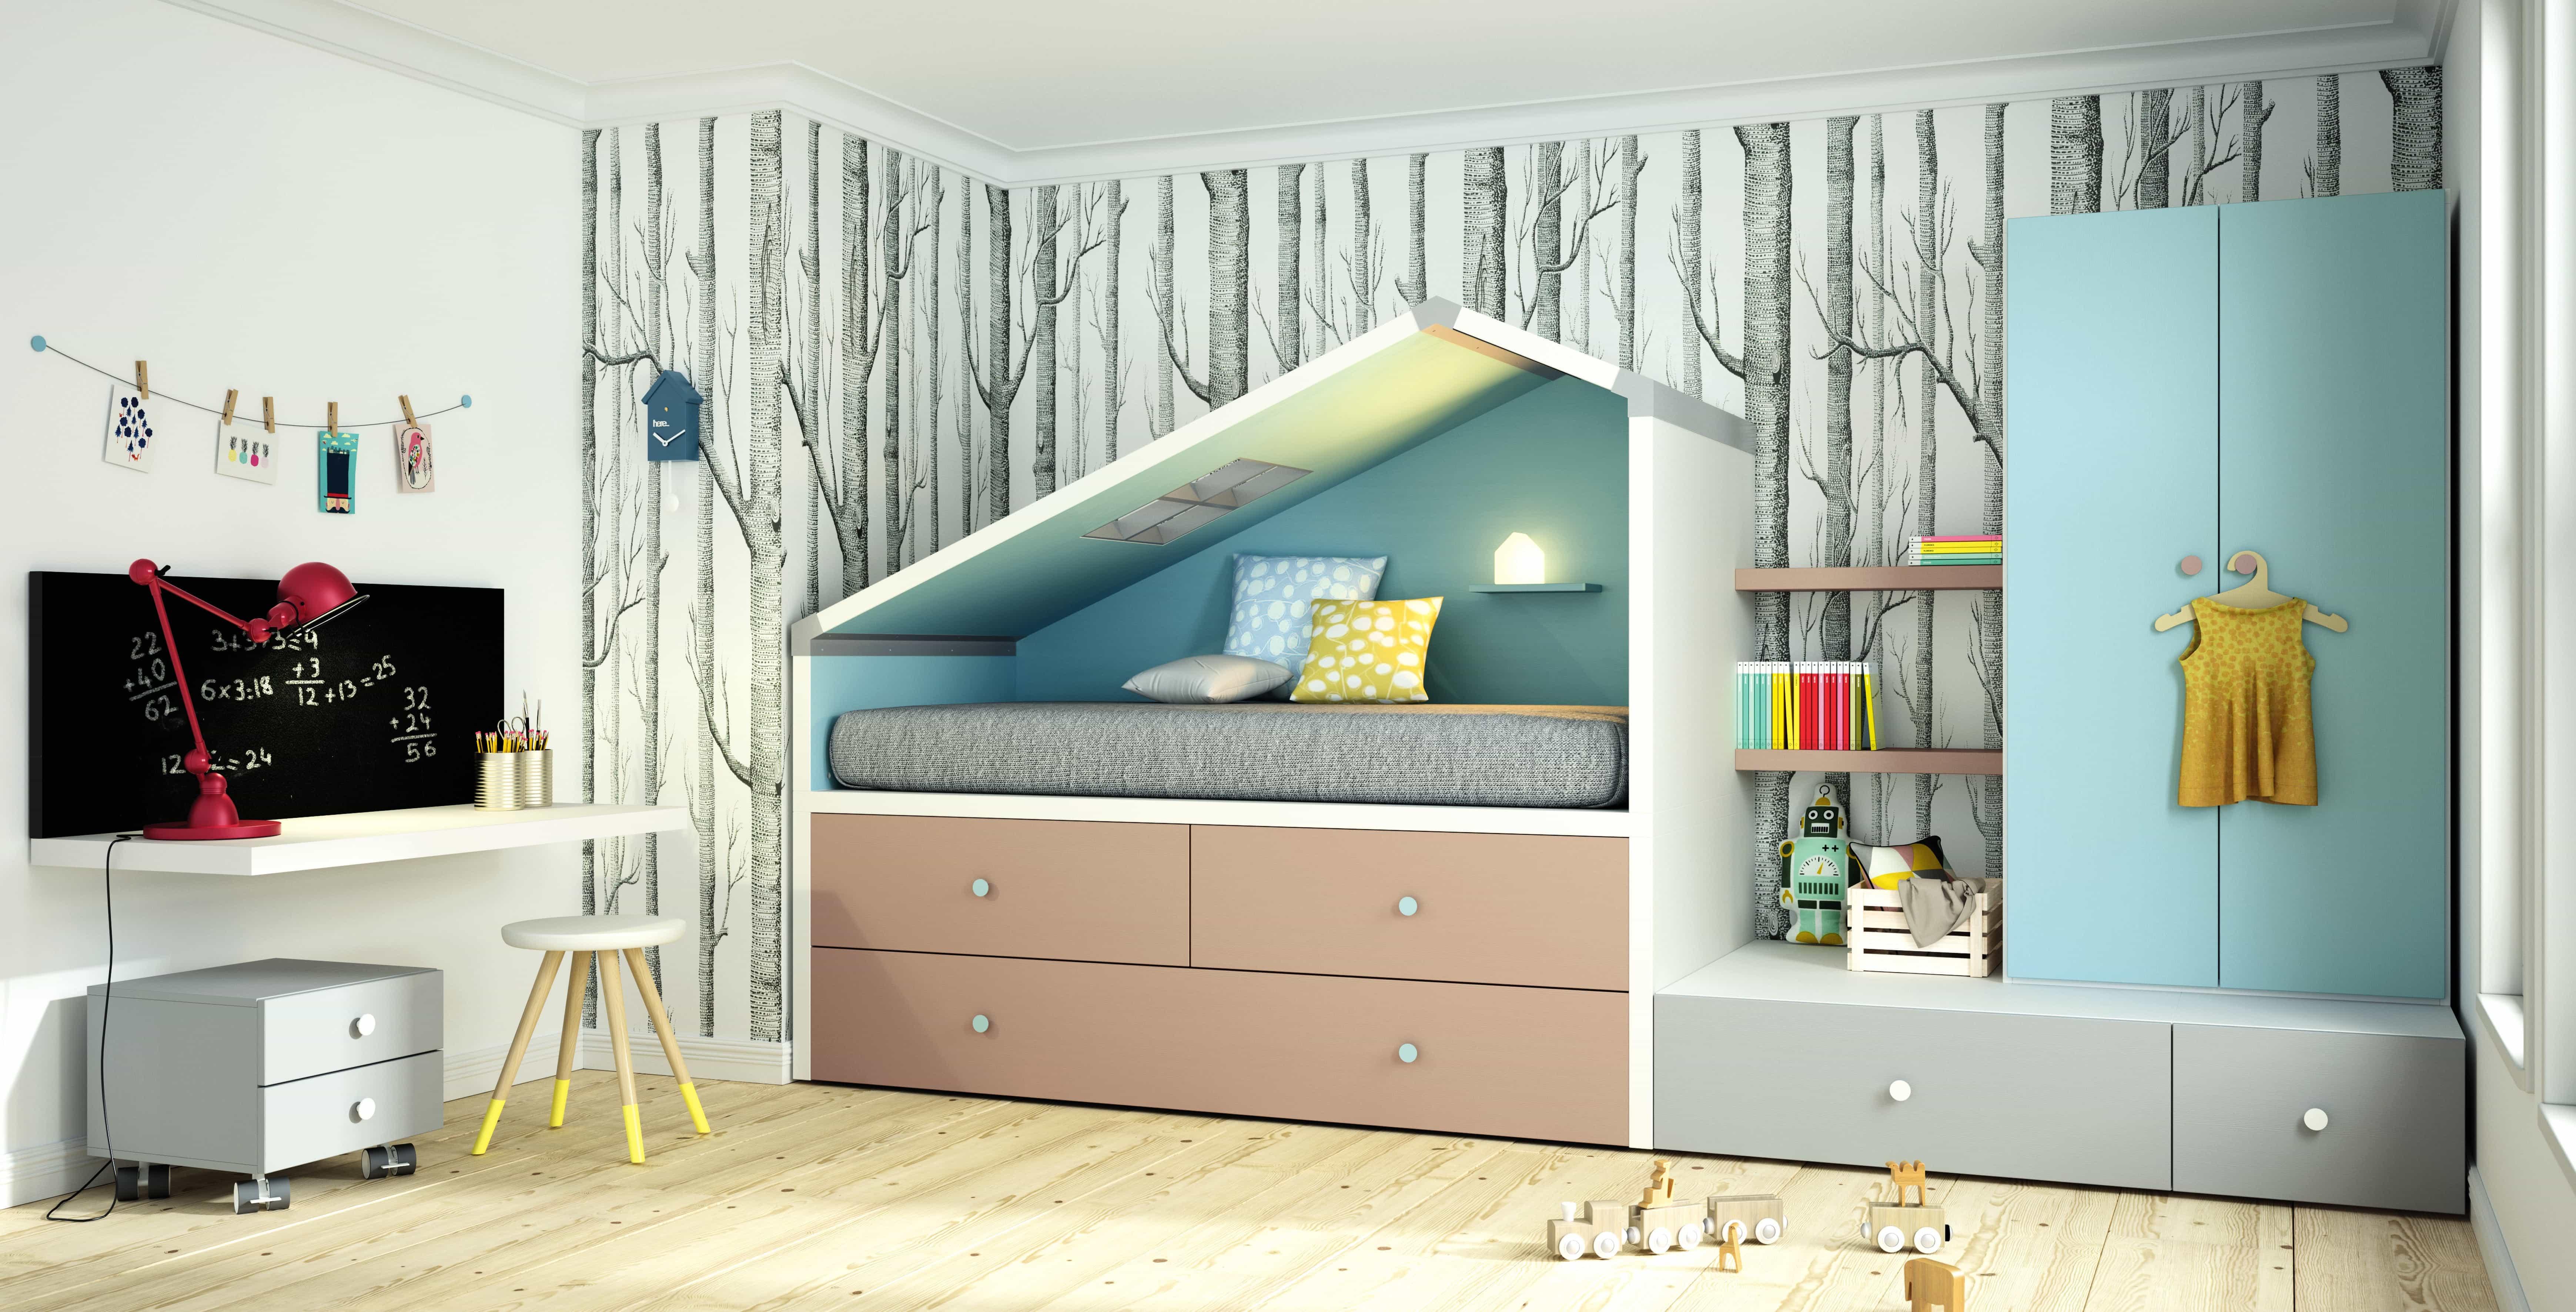 Camas nidos para dormitorios infantiles y juveniles - Habitacion infantil cama nido ...